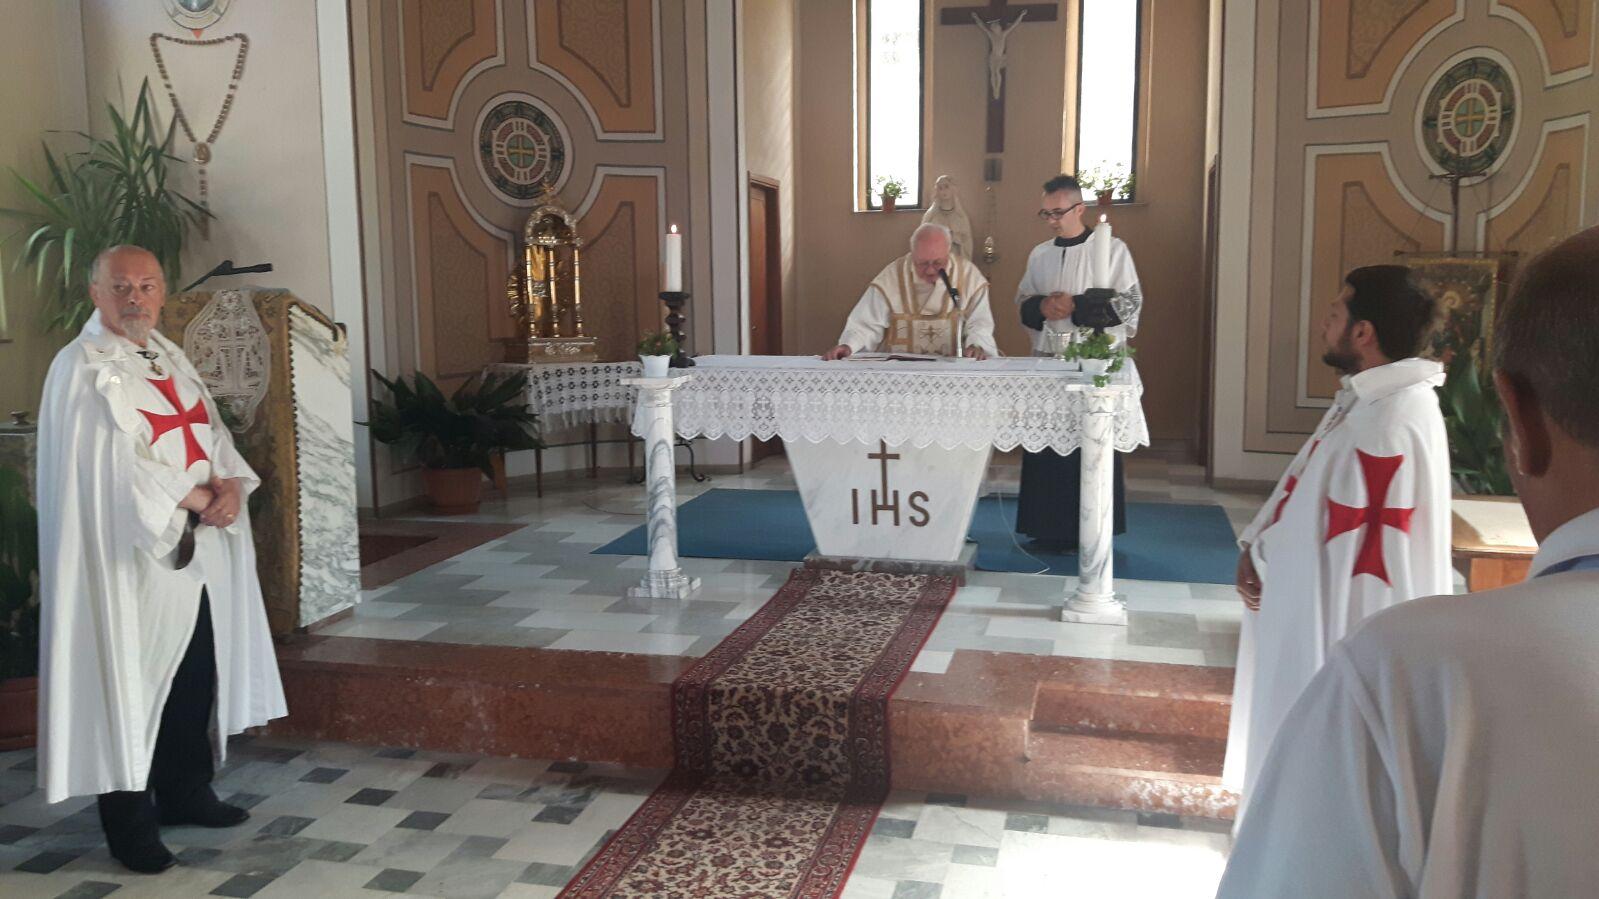 templari riapertura oratorio ostia parmense